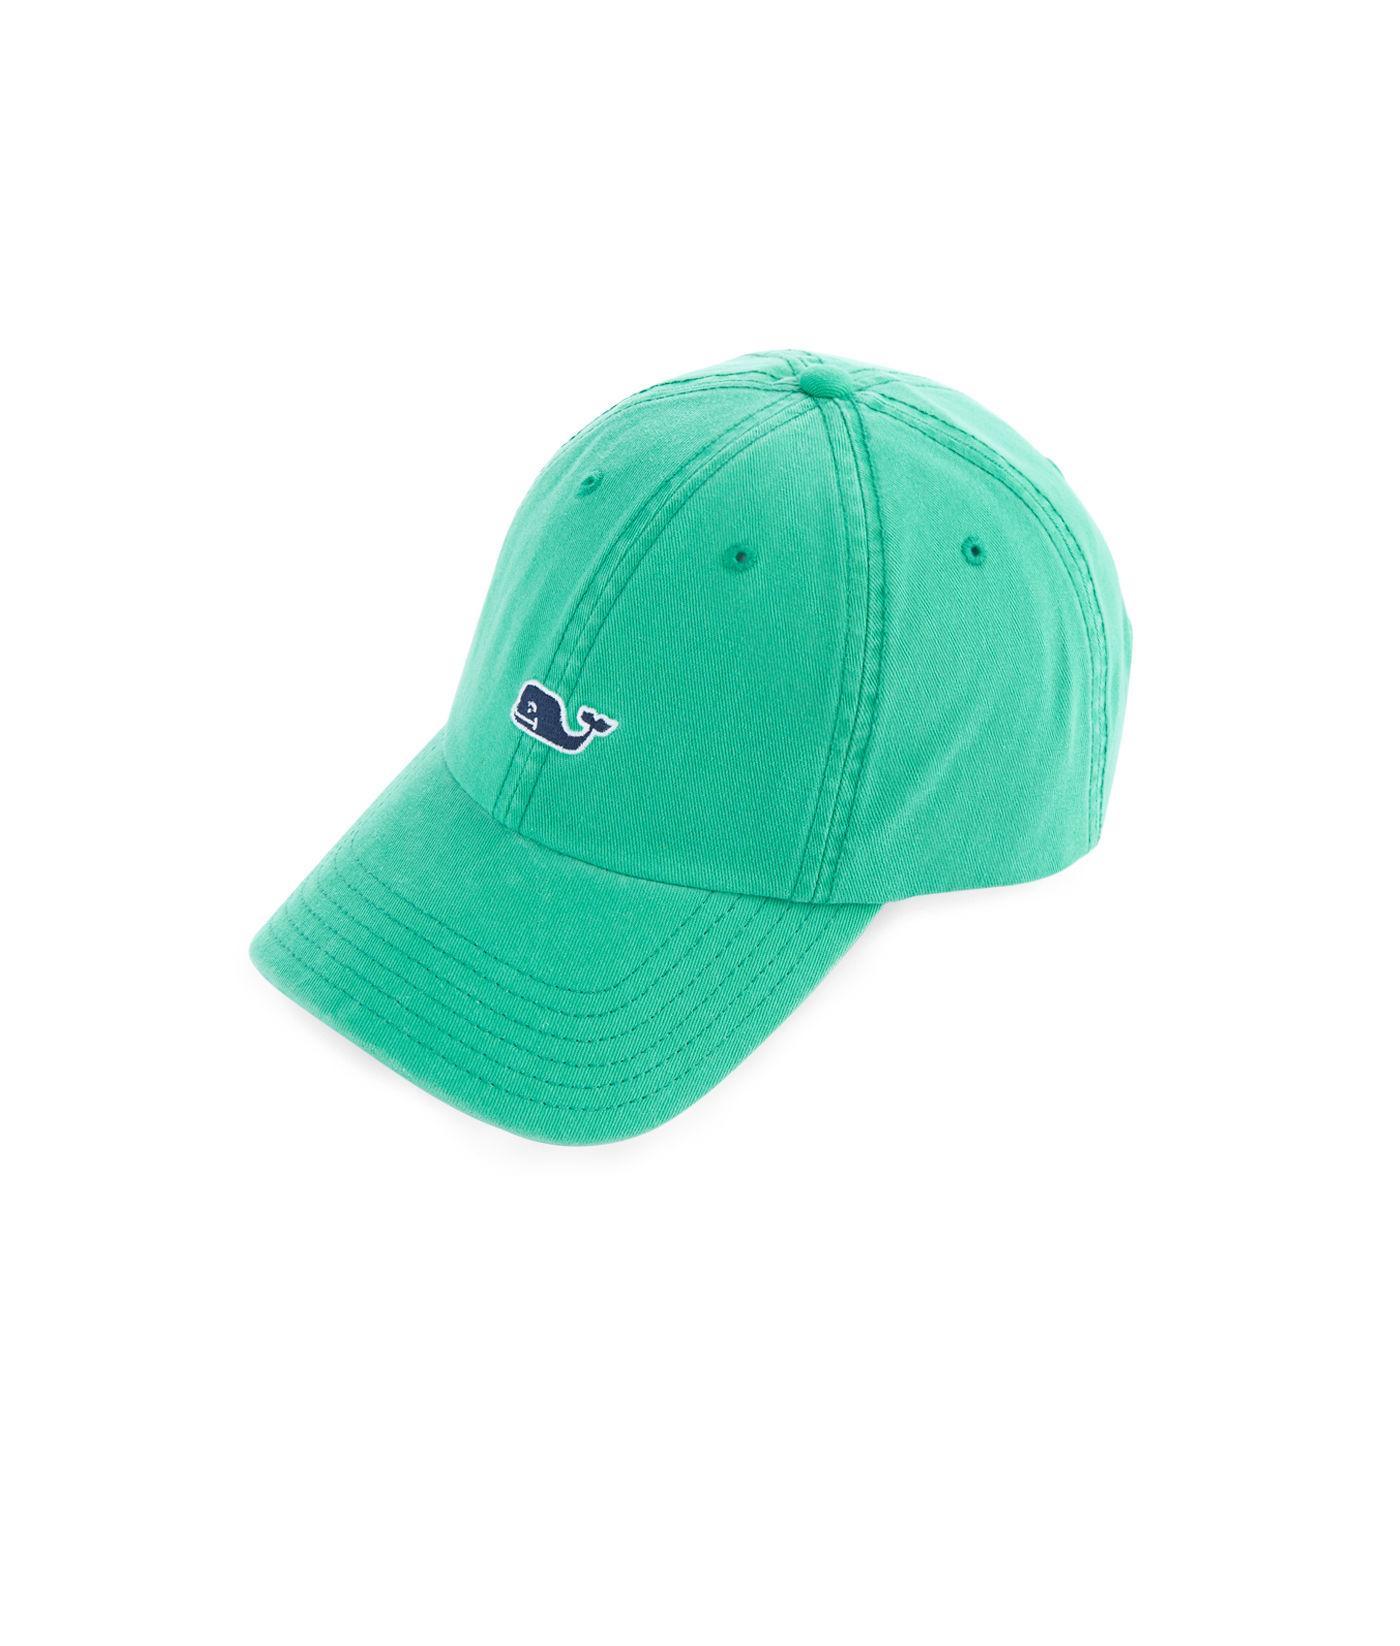 83c64152c56 Lyst - Vineyard Vines Whale Logo Baseball Hat in Green for Men